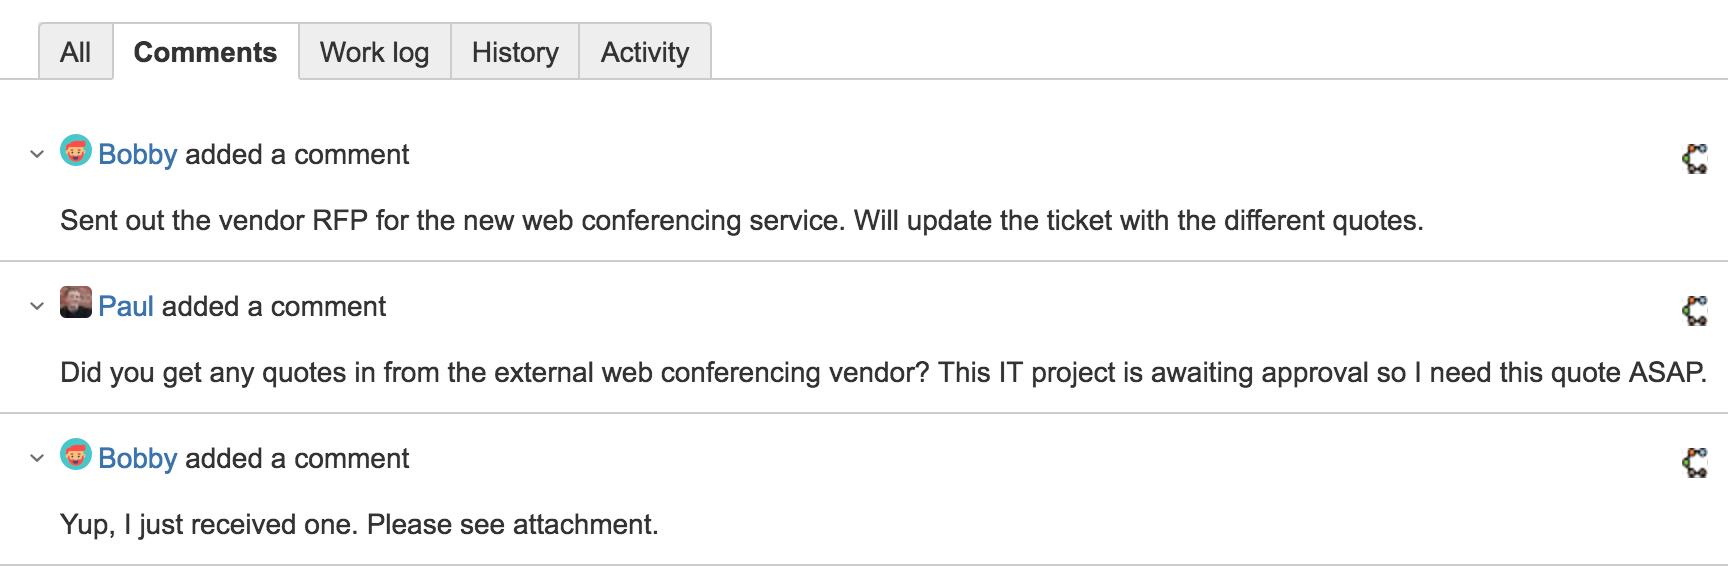 Képernyőkép egy értesítésről